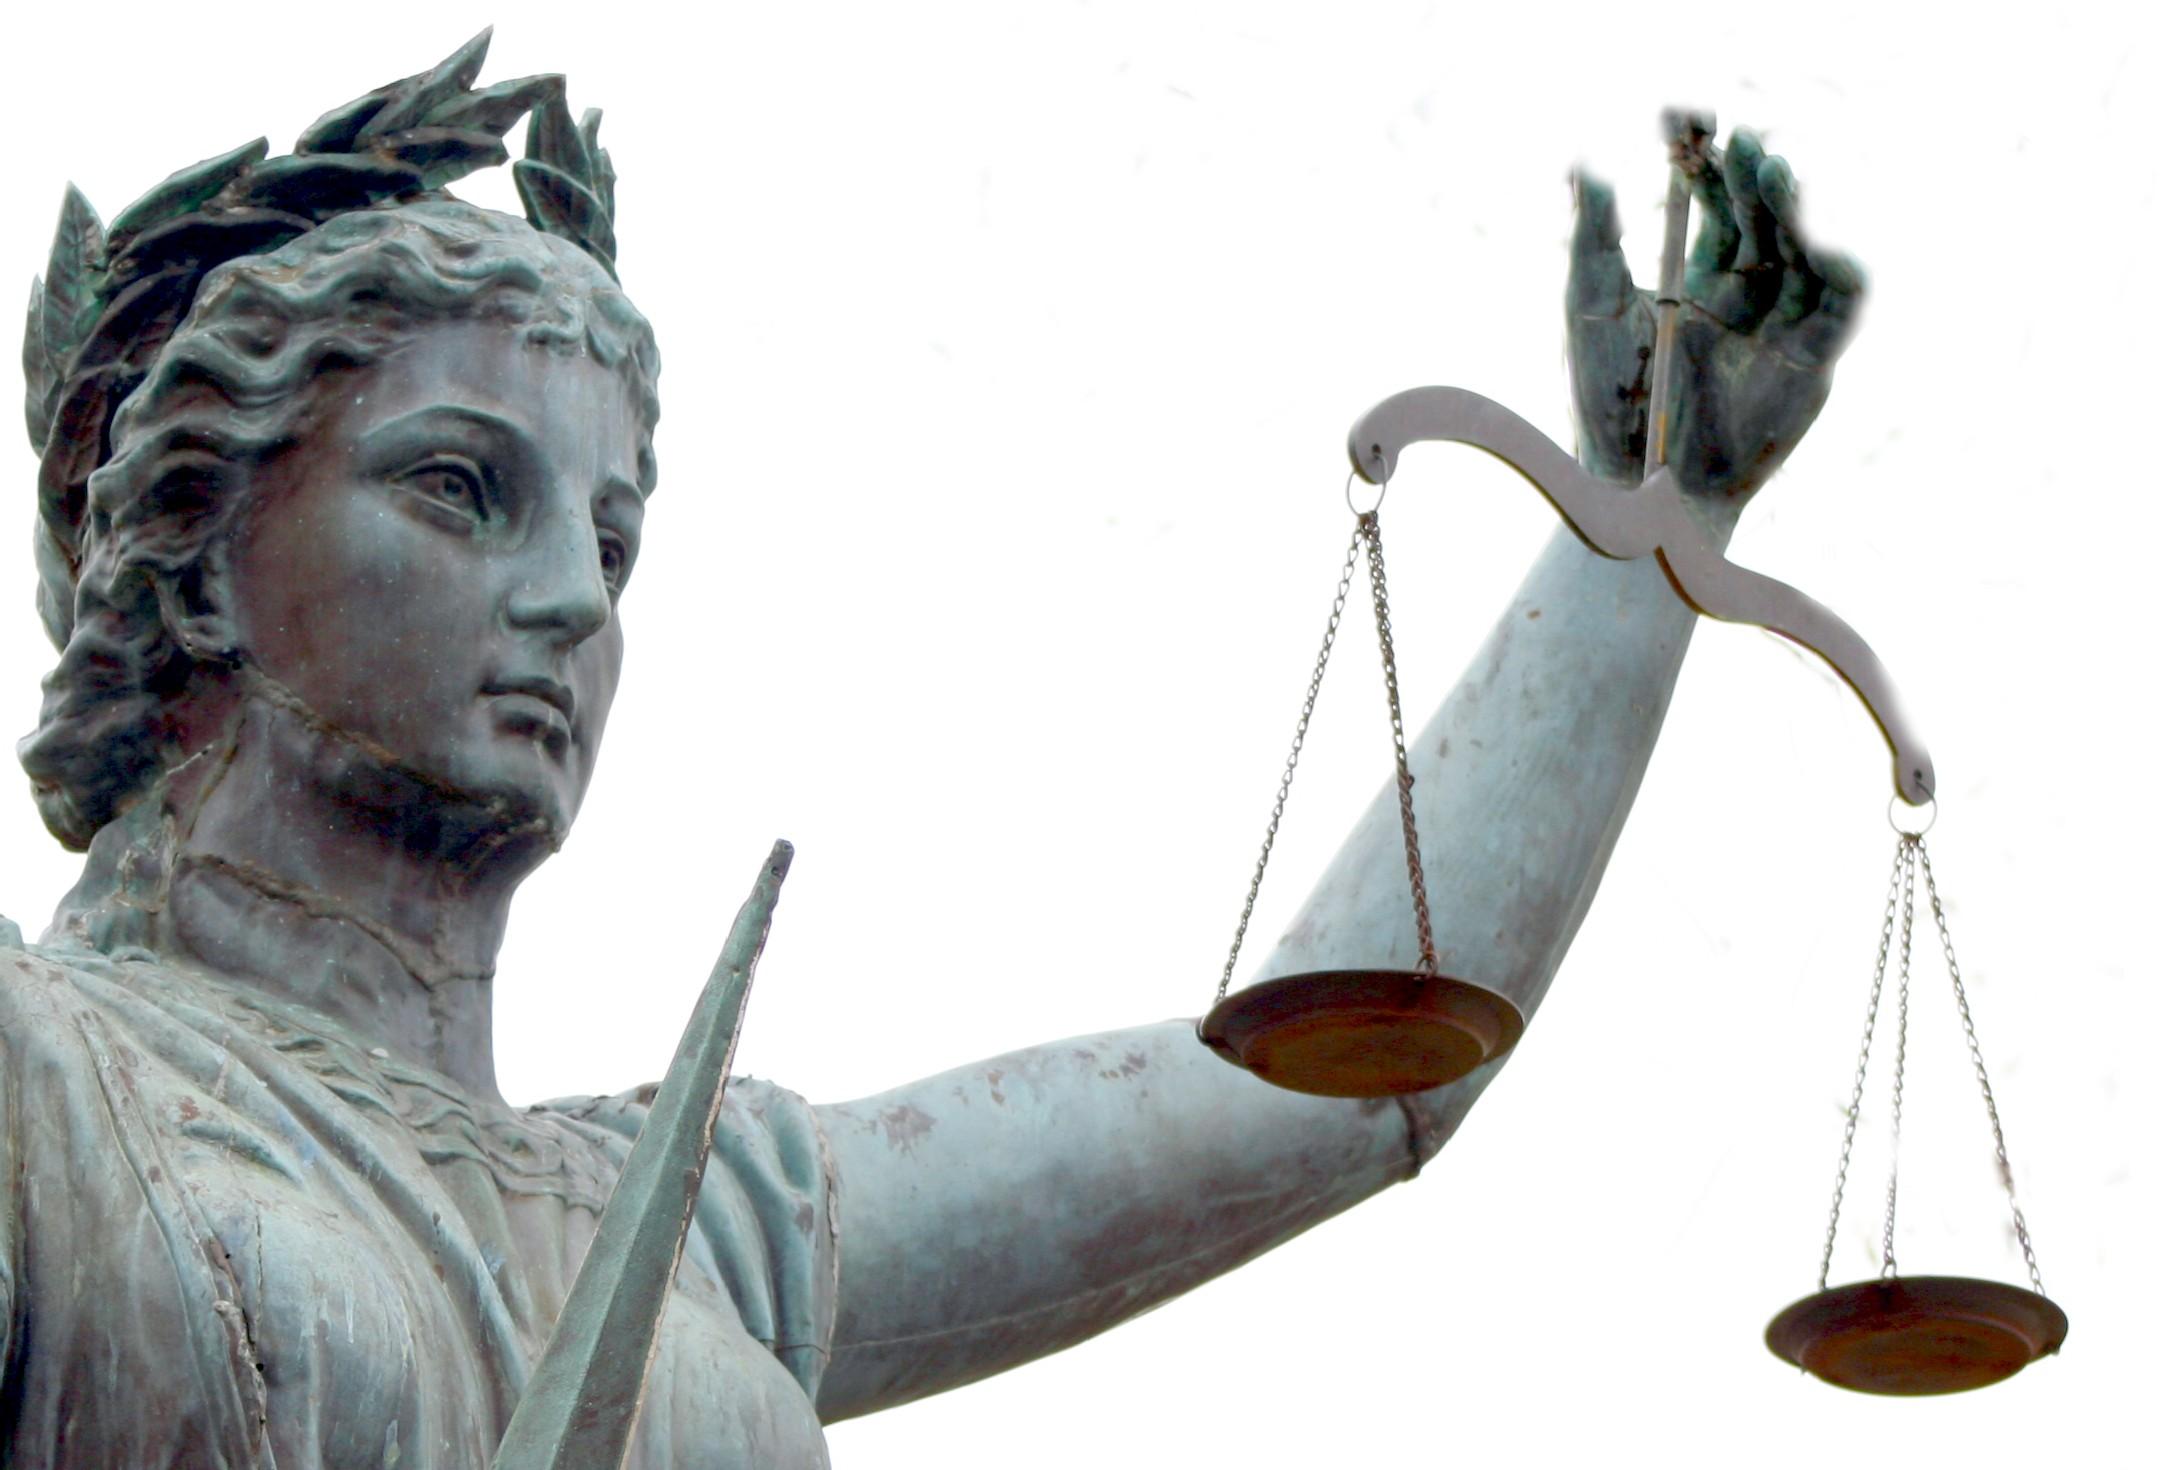 ajutor juridic, sfat juridic, aparare juridica